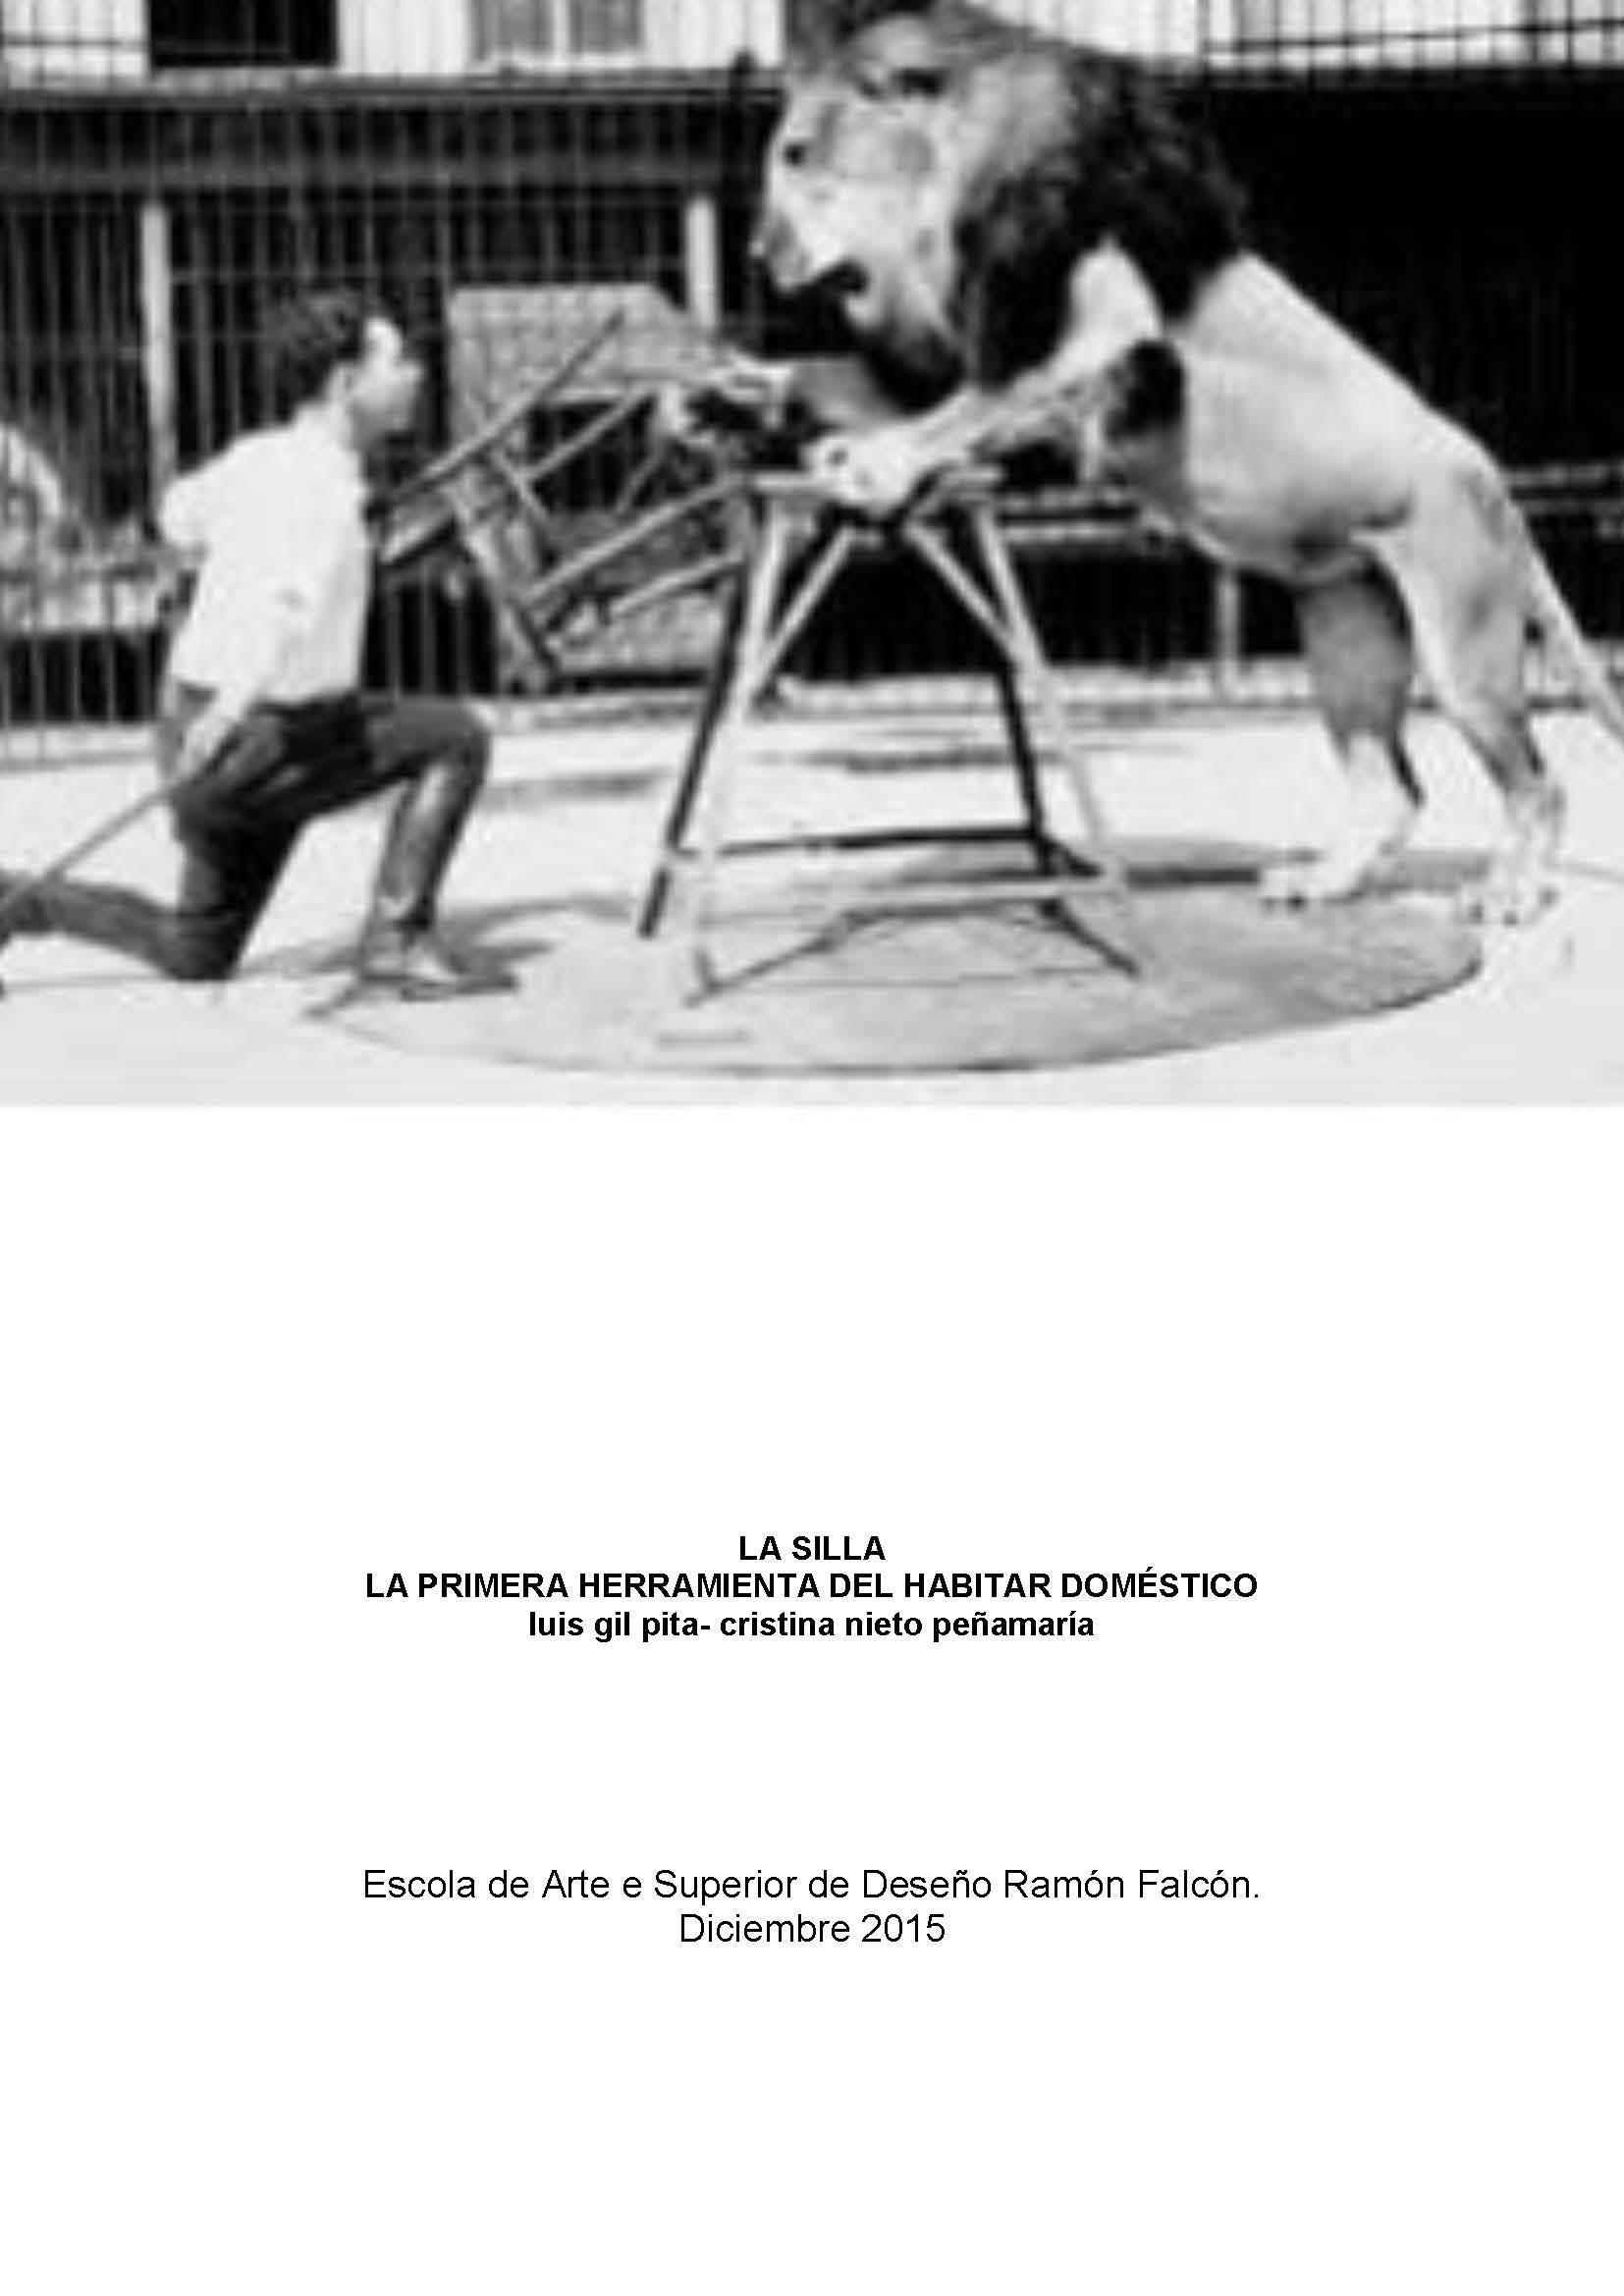 Charla en Escola de Arte e Superior de Deseño Ramón Falcón_Página_1